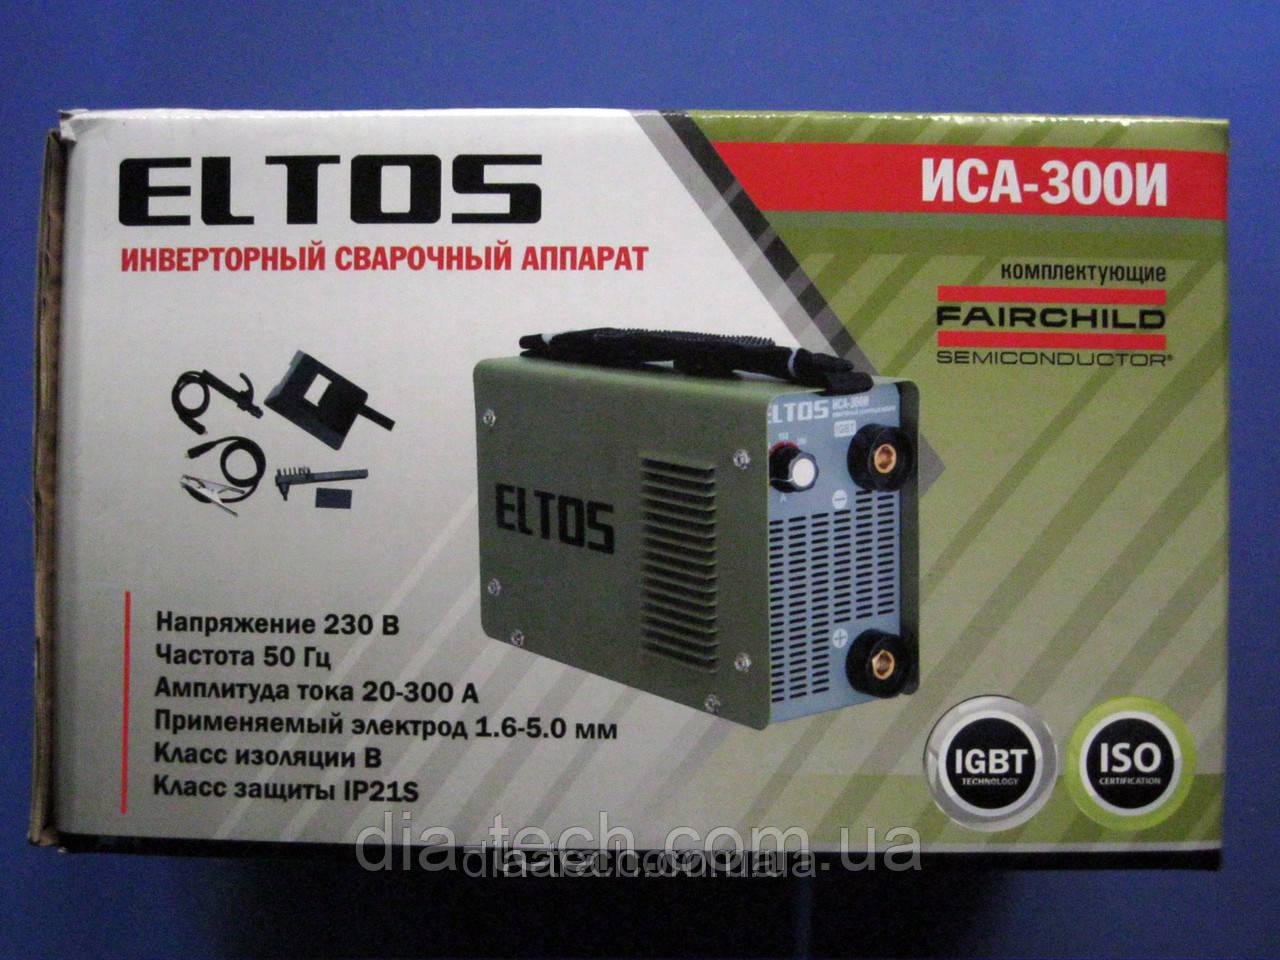 Інверторний зварювальний апарат Eltos ІСА-300И